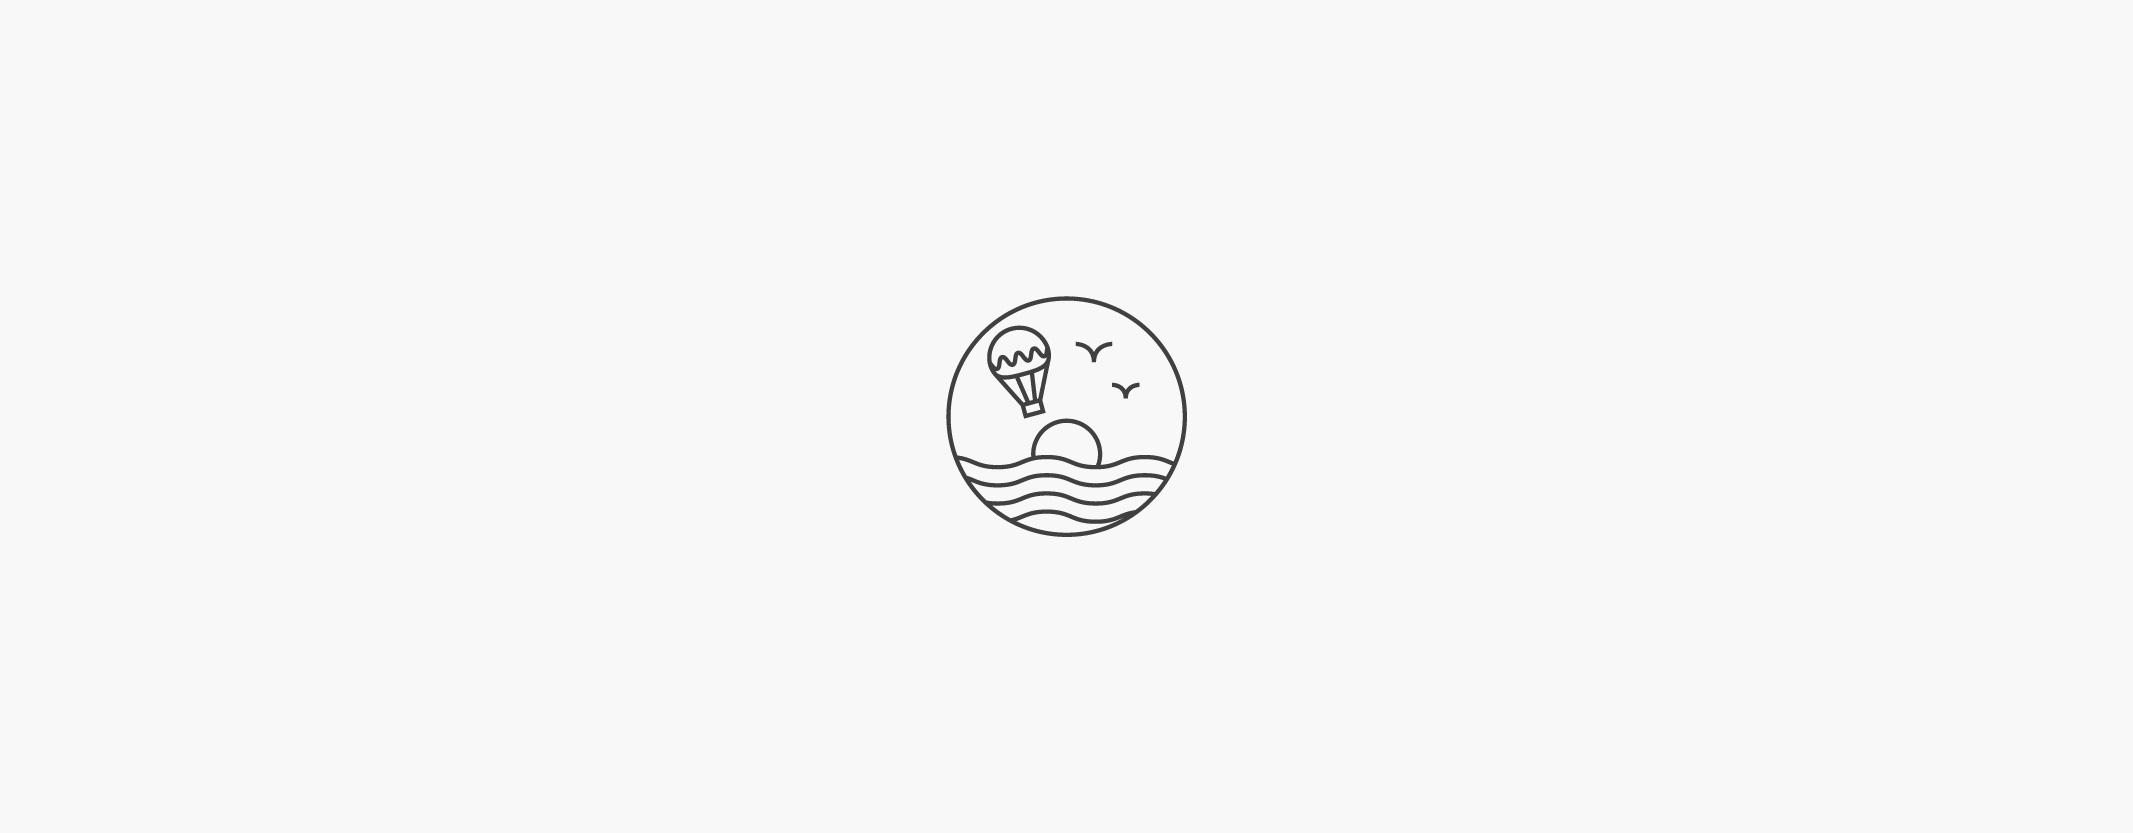 56_logos_vk